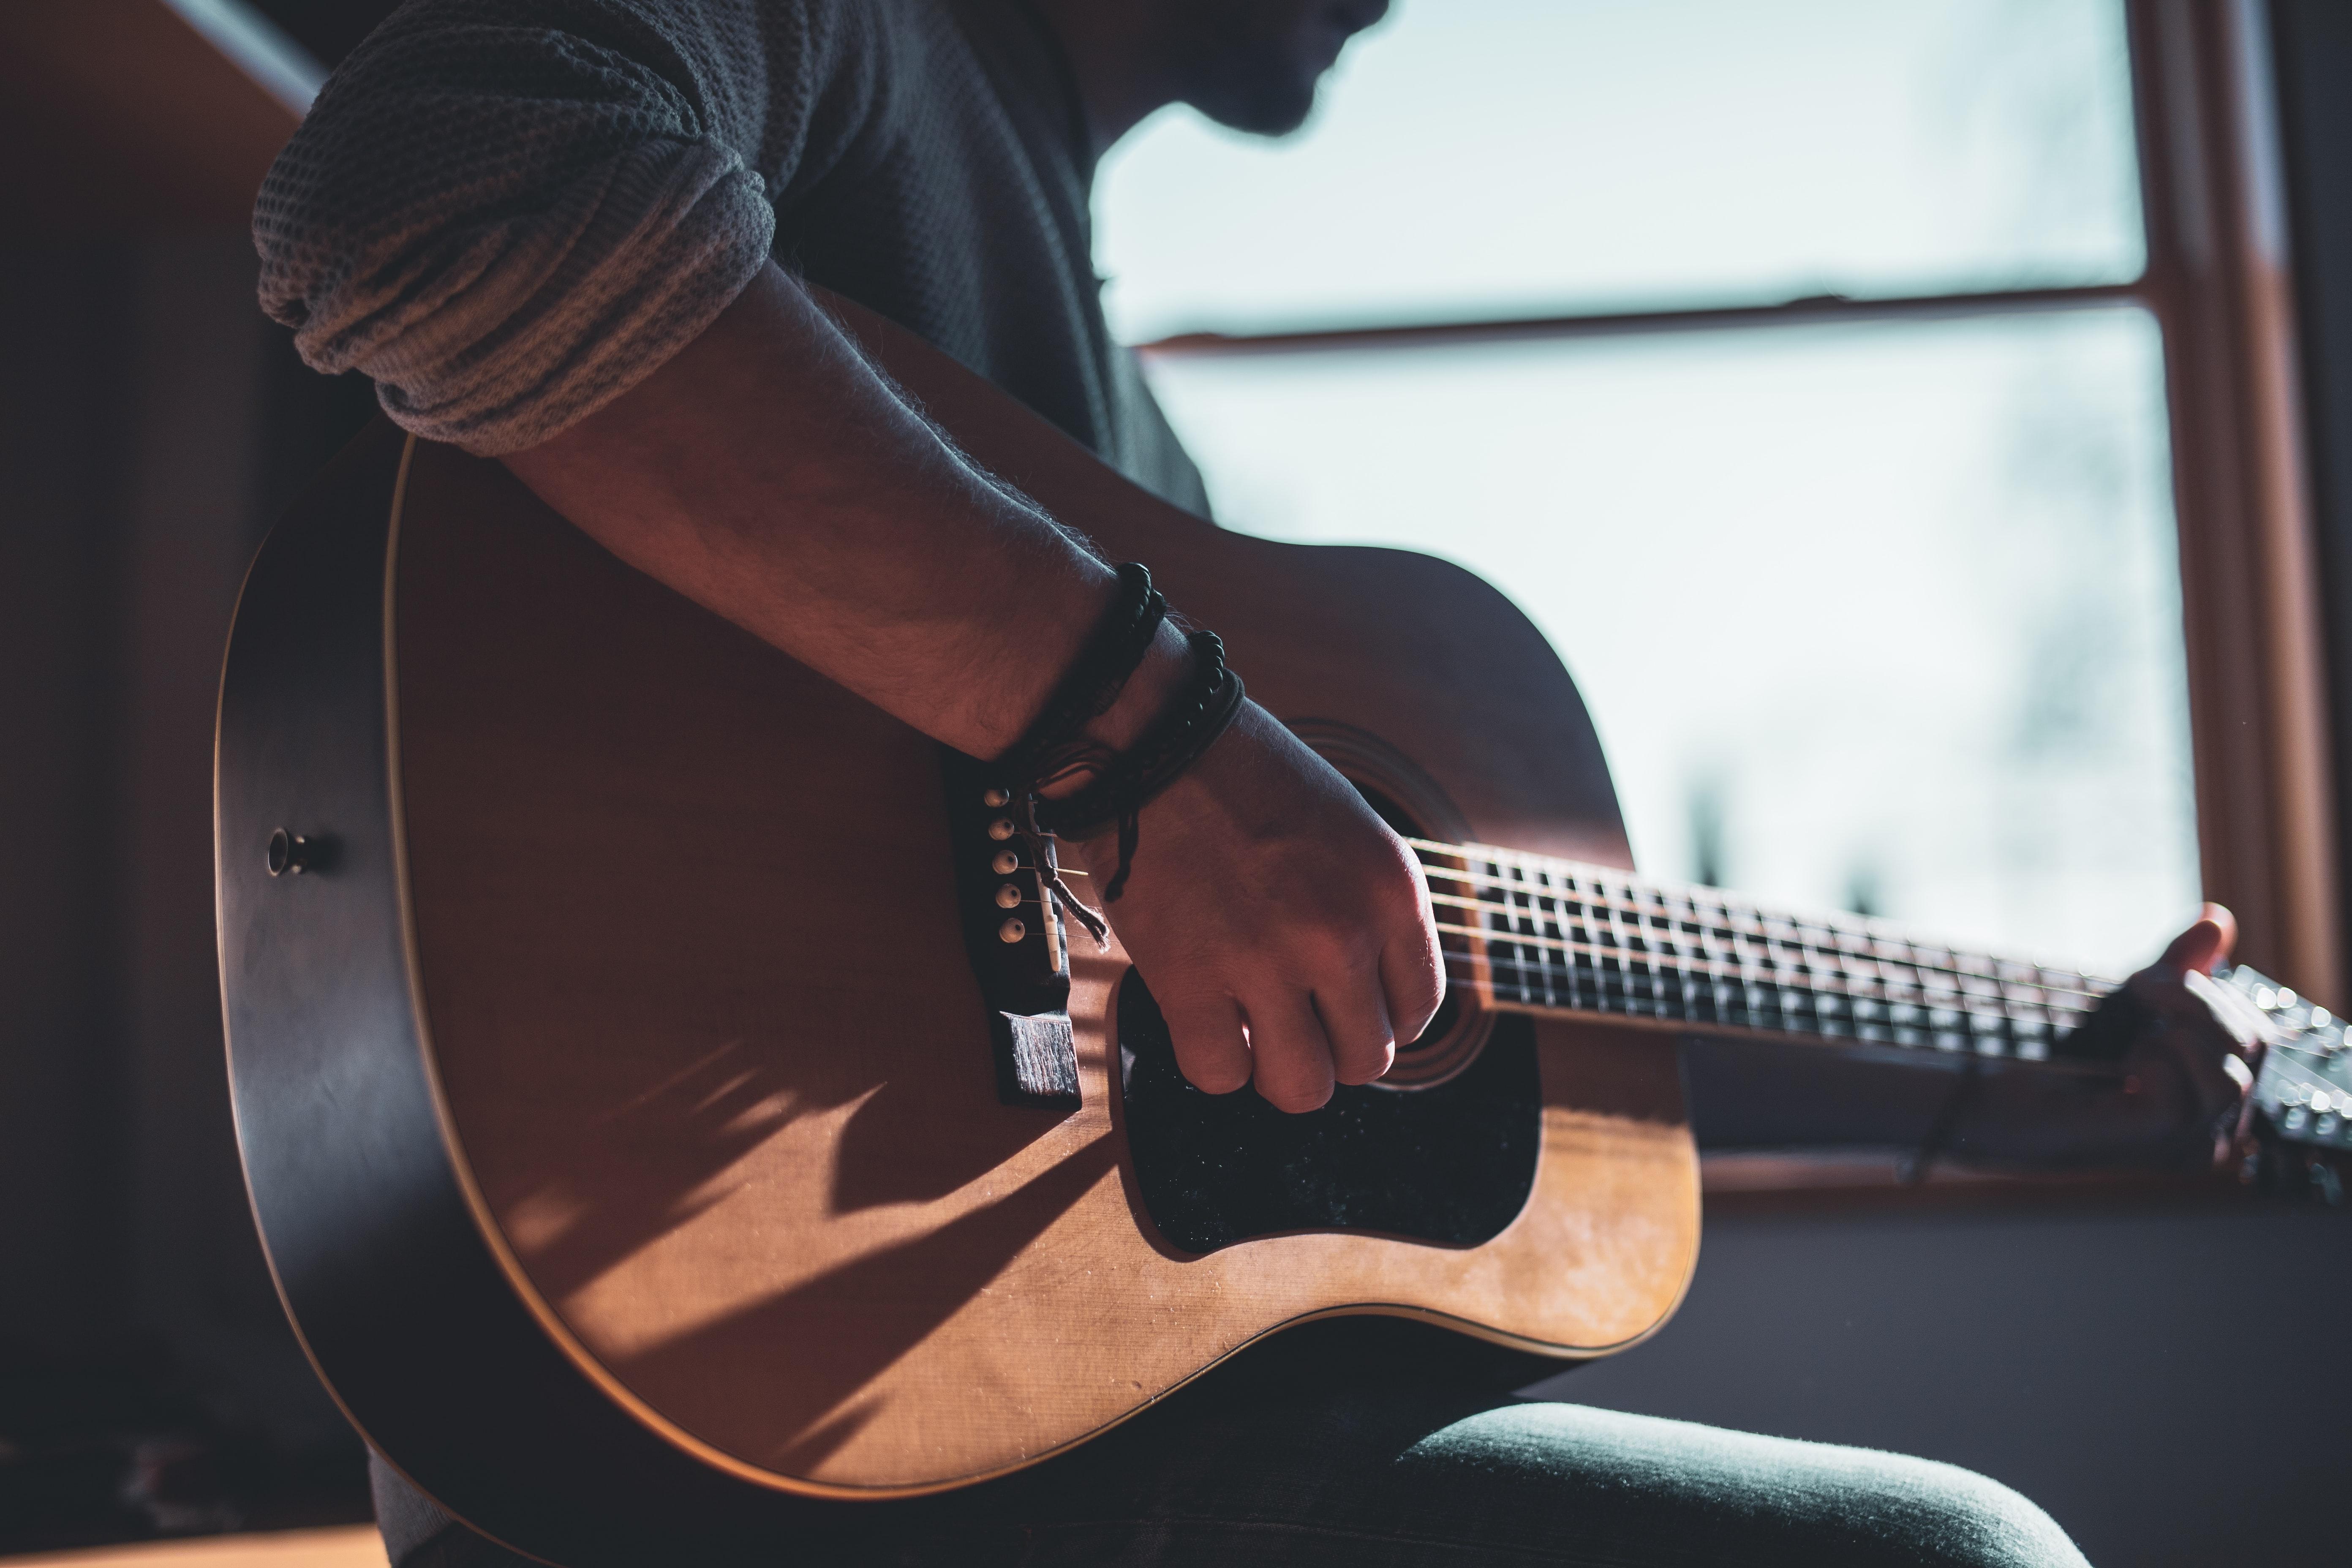 Guitar giá rẻ chất lượng cao chưa bao giờ lại dễ tìm đến như vậy!